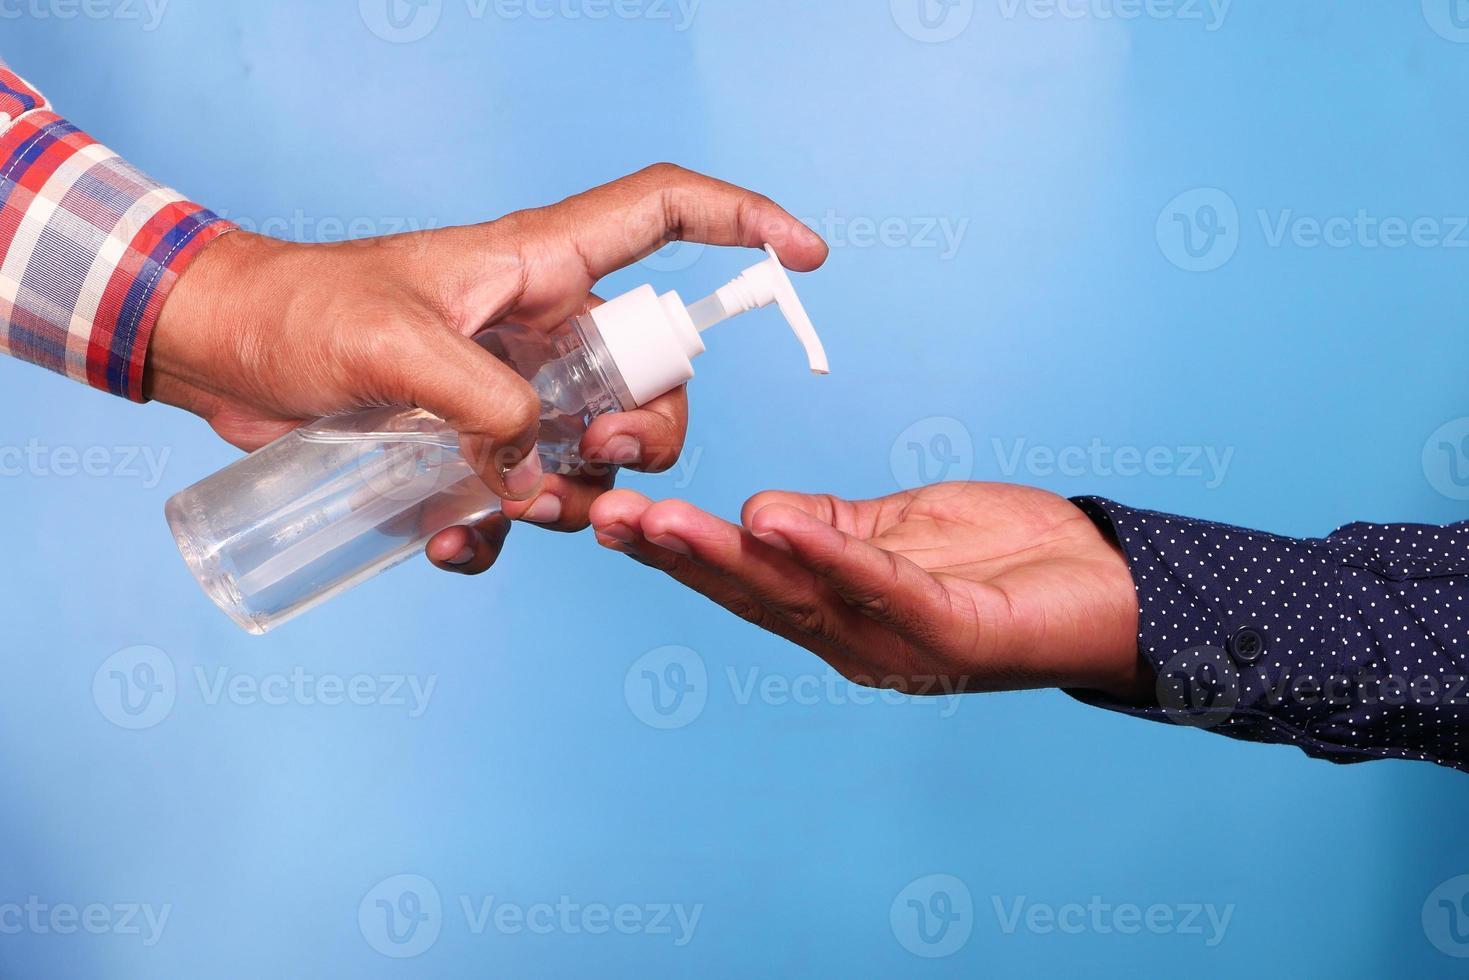 Hand einer Person, die einer anderen Person Desinfektionsflüssigkeit gibt foto